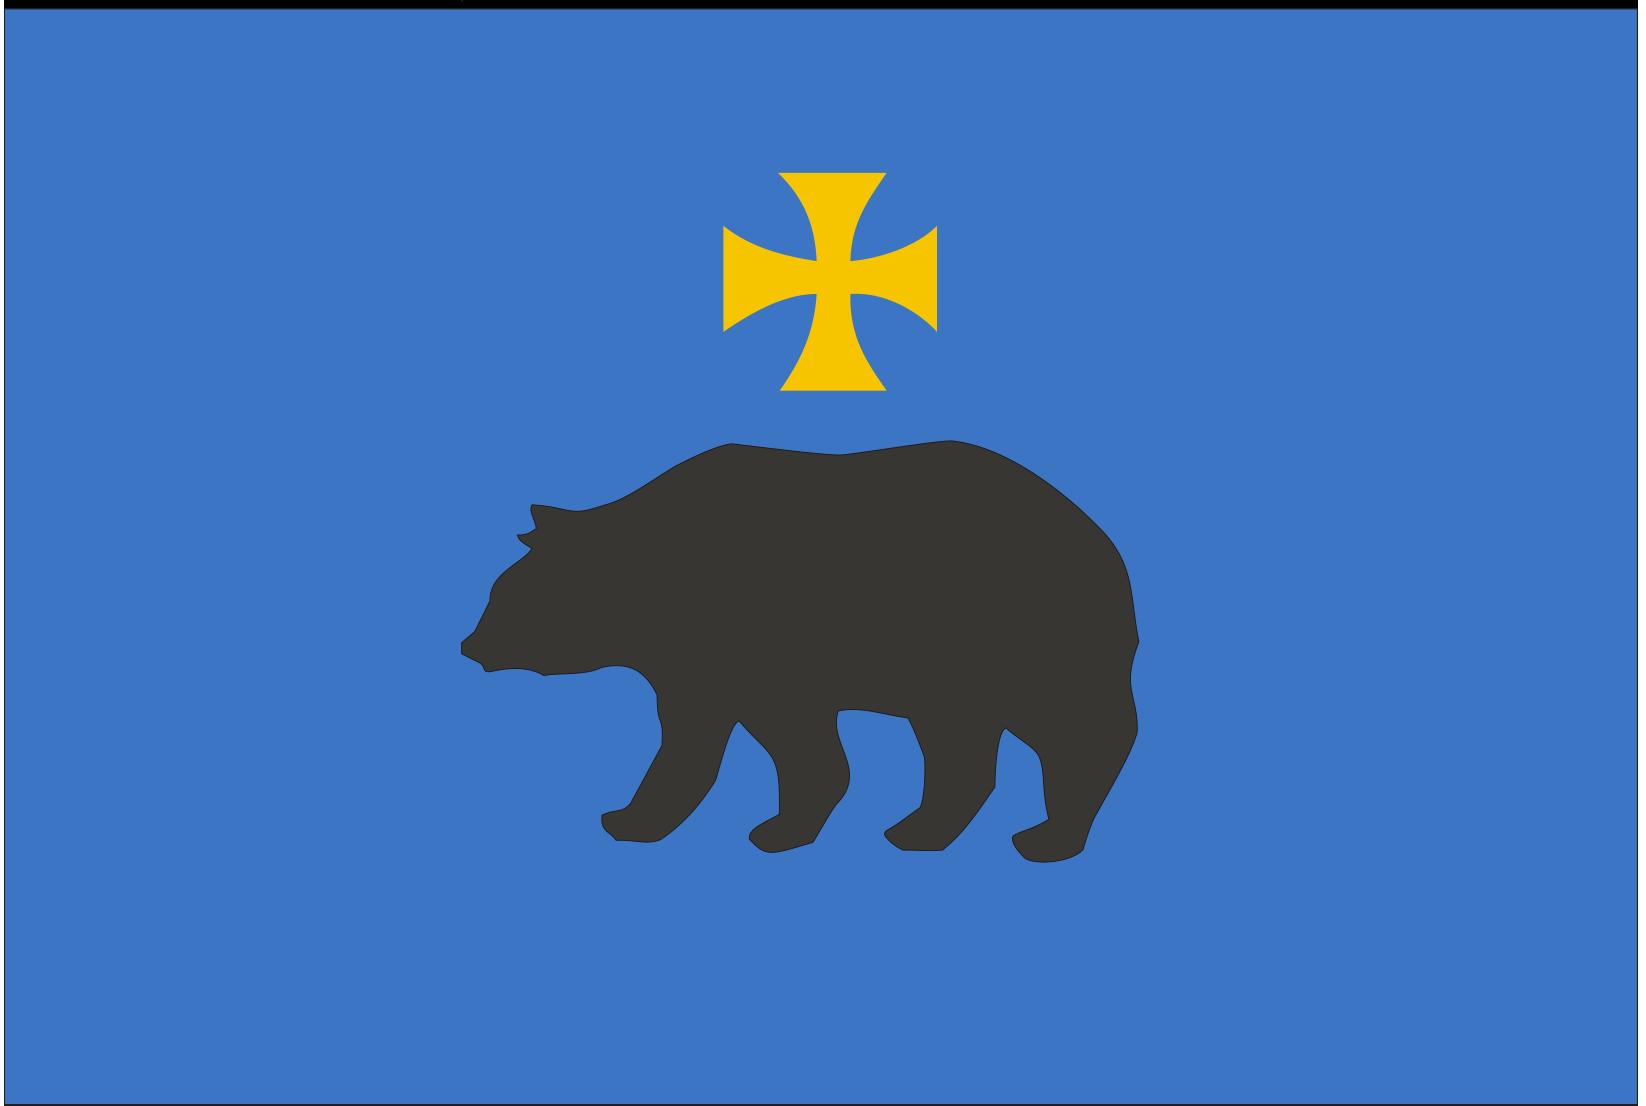 Wzór Flagi poziomej Miasta Przemyśla. Podstawa prawna: Uchwała Nr 71/2005 w sprawie ustanowienia flagi Miasta Przemyśla.